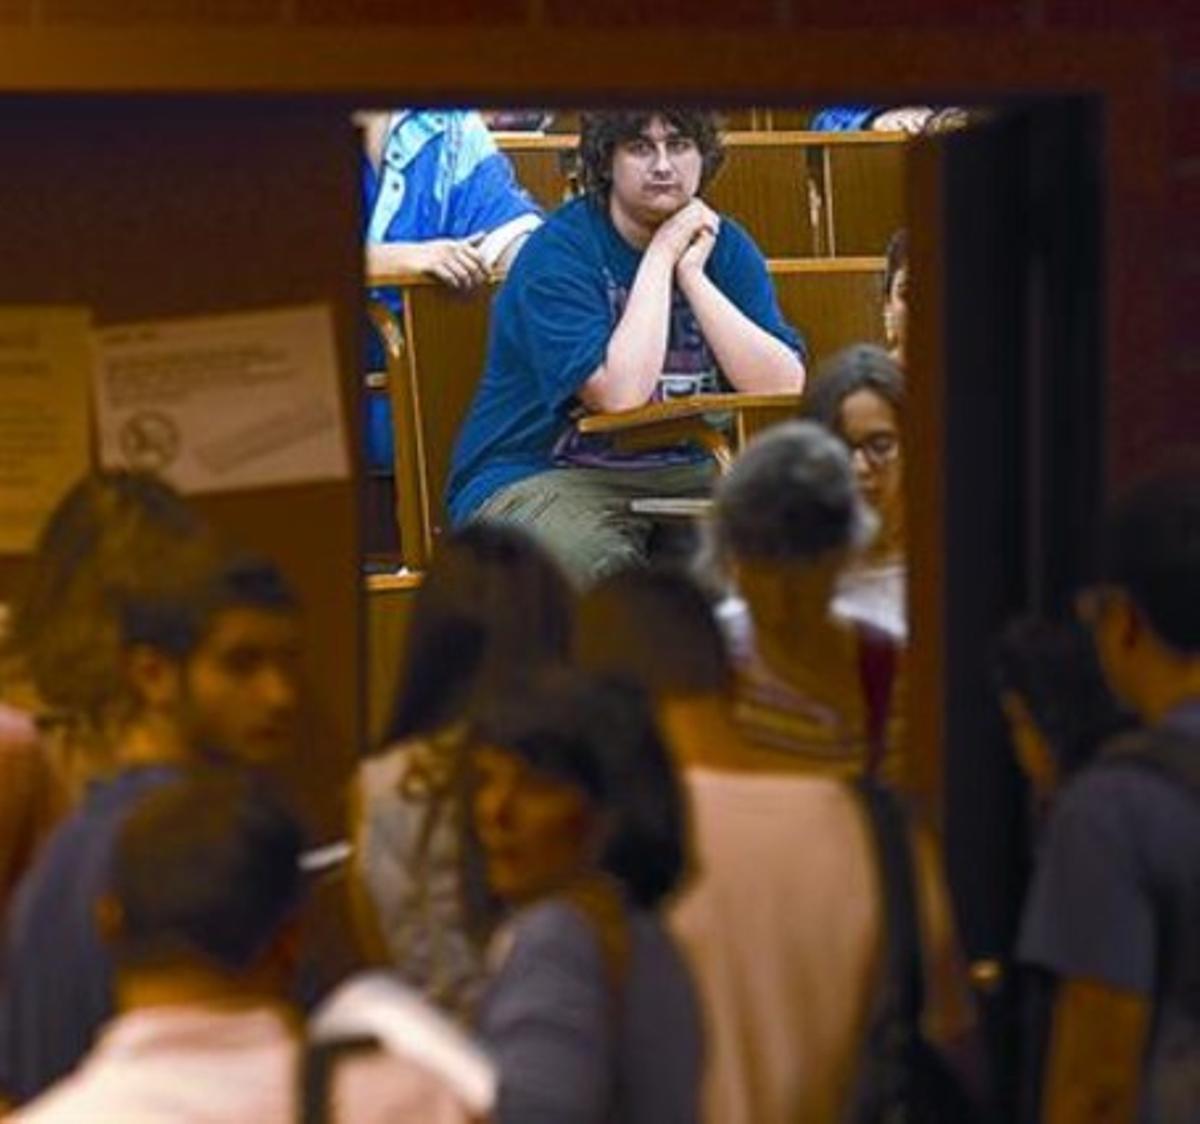 Estudiantes a la entrada de un examen de selectividad, el 11 de junio.